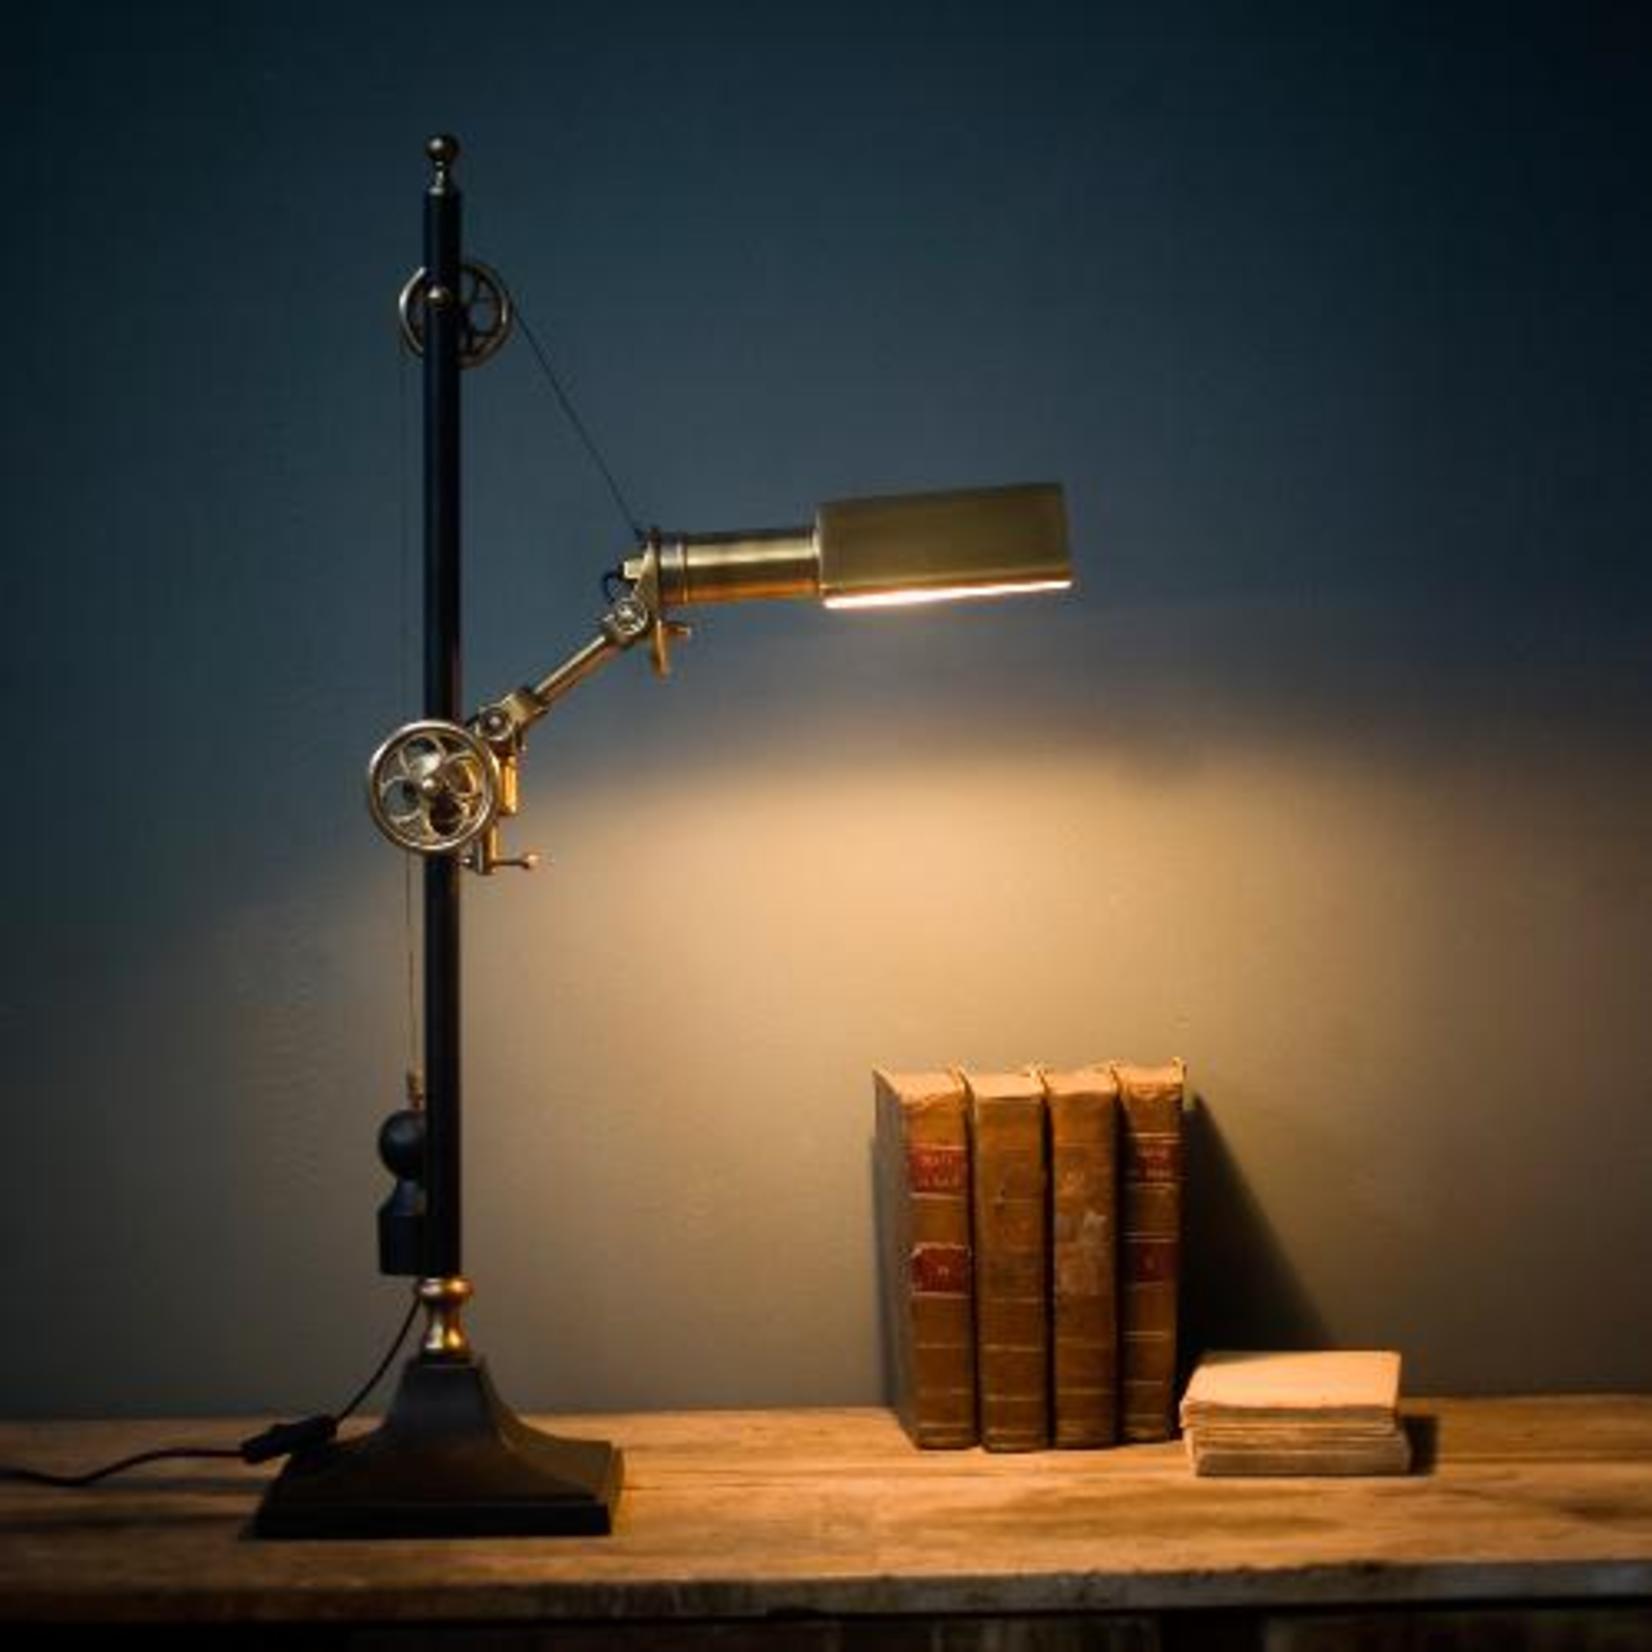 OBJET DE CURIOSITE LOCOMOTIVE LAMP TABLE